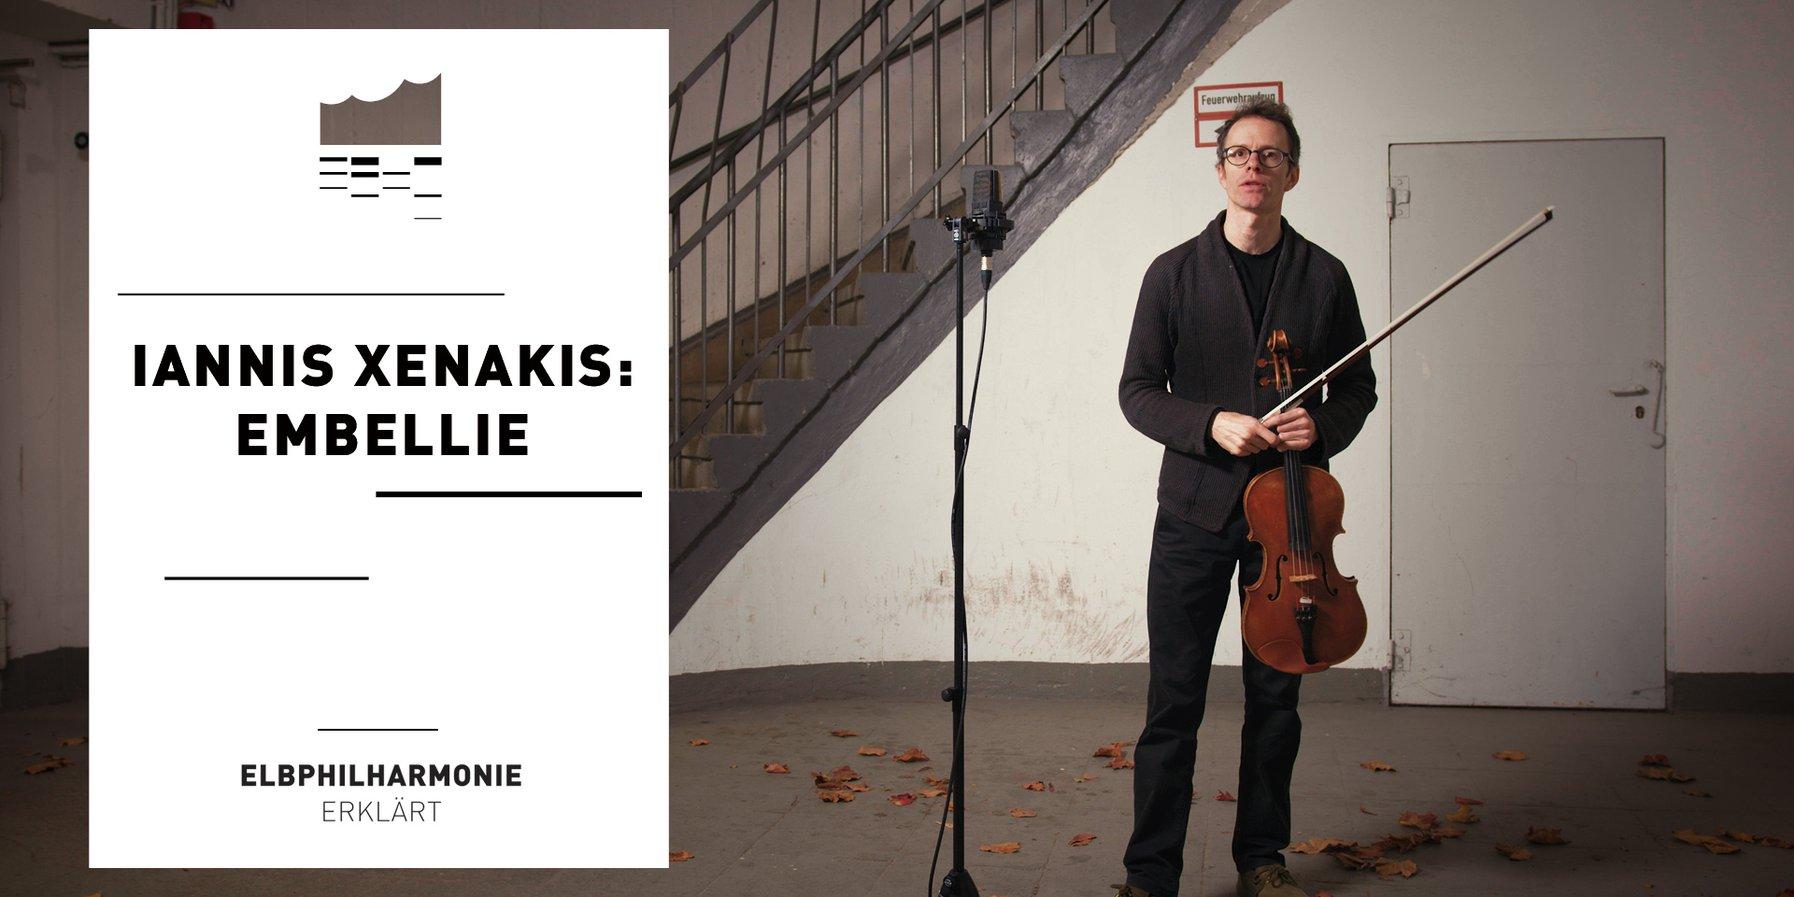 Elbphilharmonie Explains / Iannis Xenakis